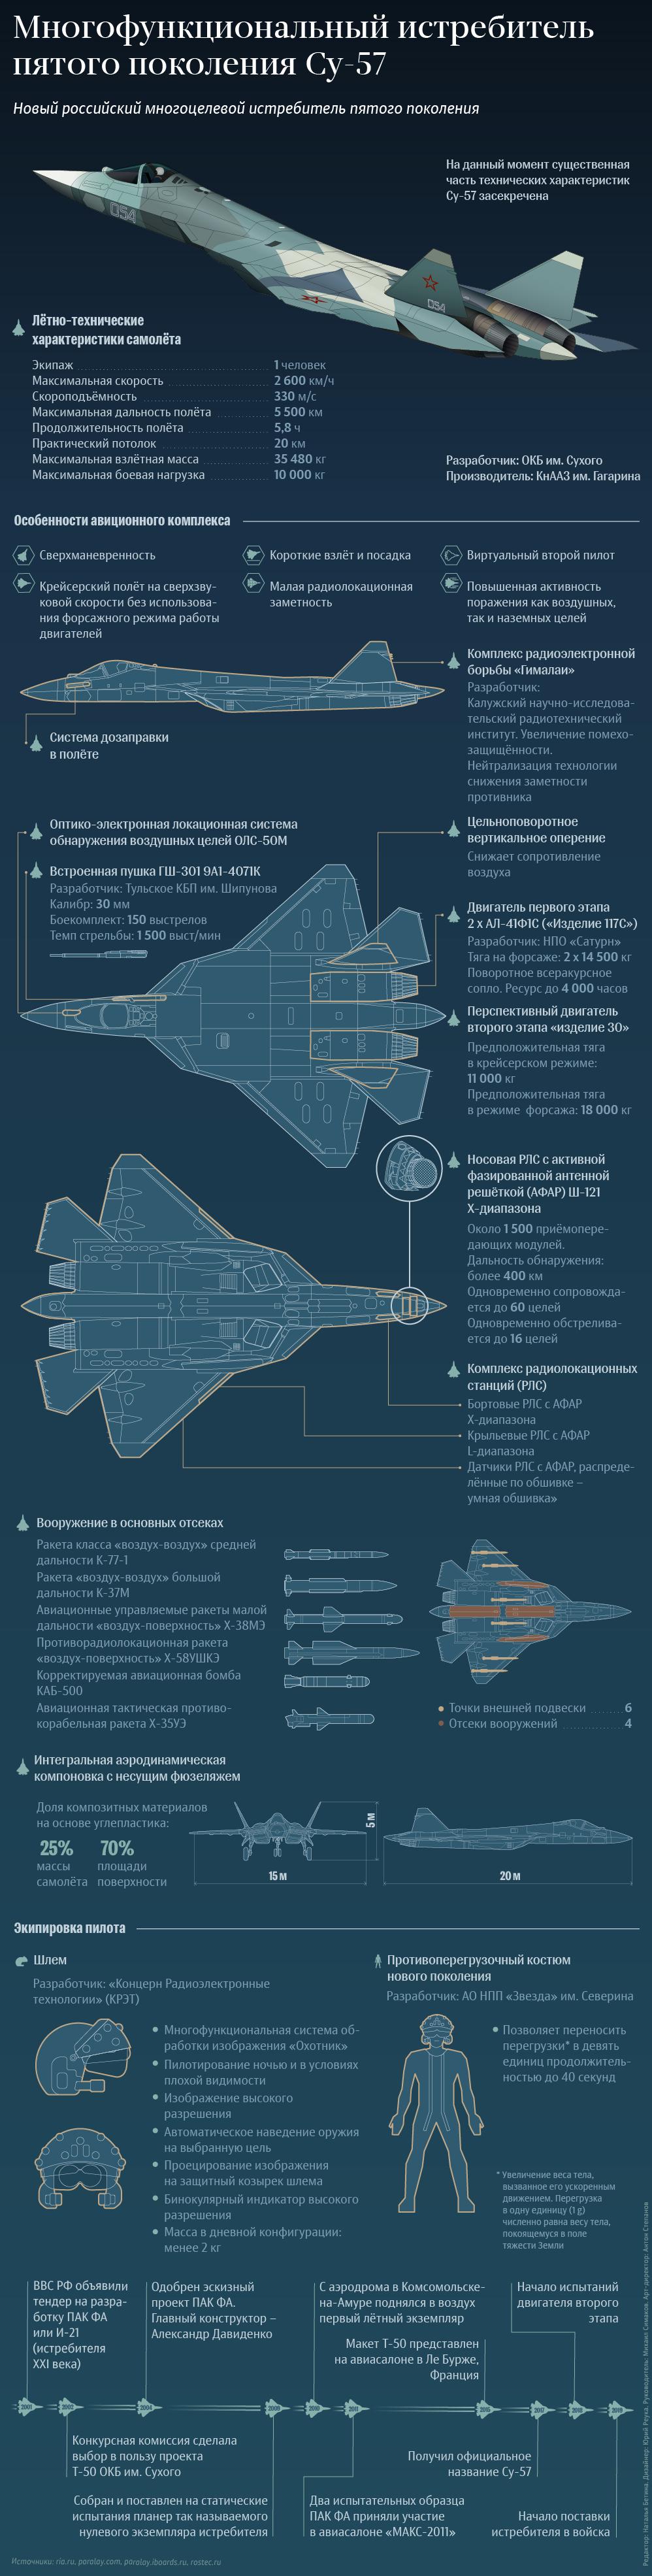 """5 поколение самолетов: российский """"т-50"""", американский f-35, китайский j-20. сравнение боевых самолетов пятого поколения: ттх, экипаж, вооружение"""